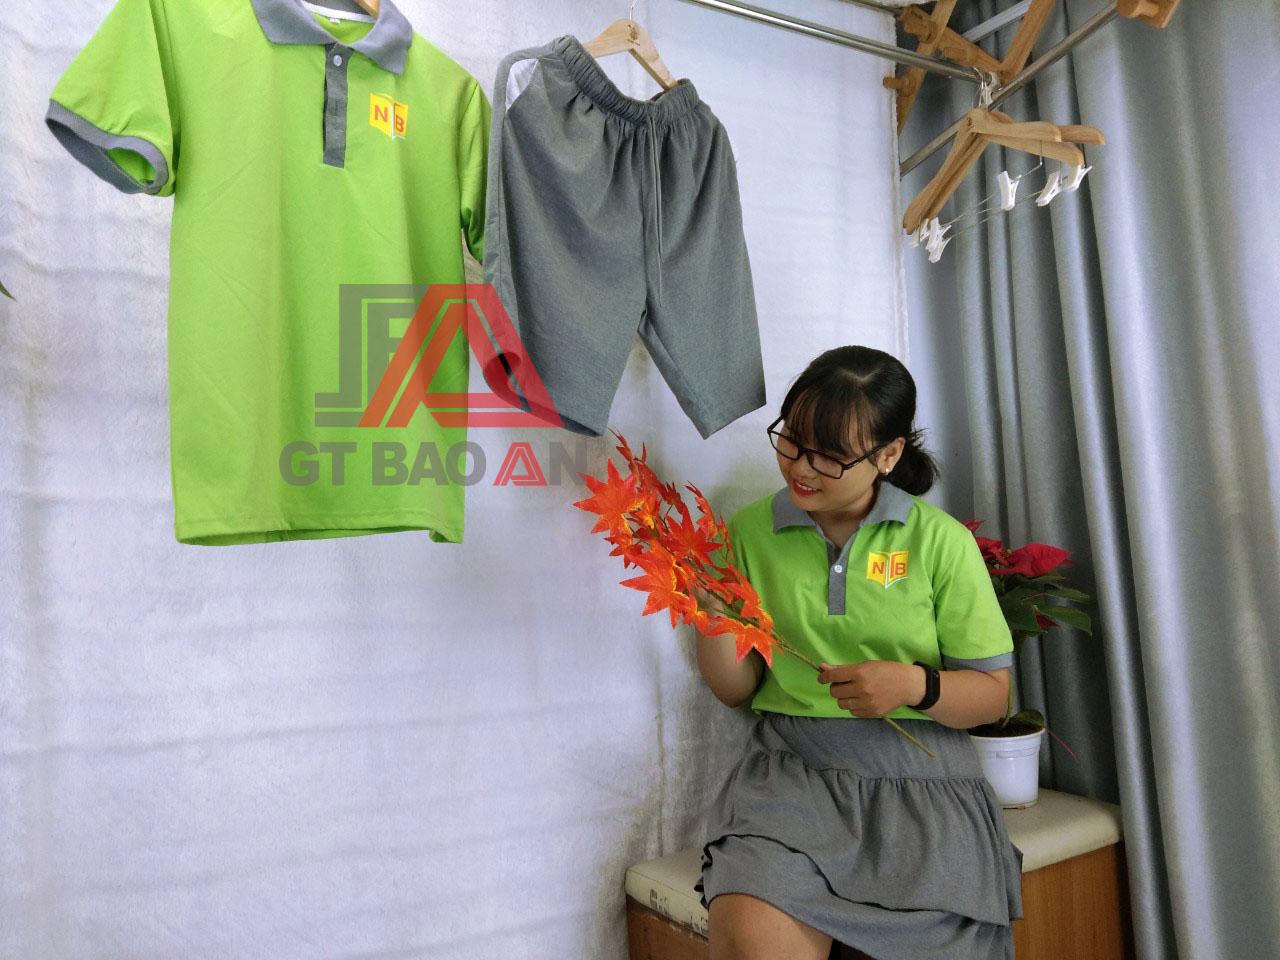 Đồng phục thể dục học sinh trường Nguyễn Thái Bình